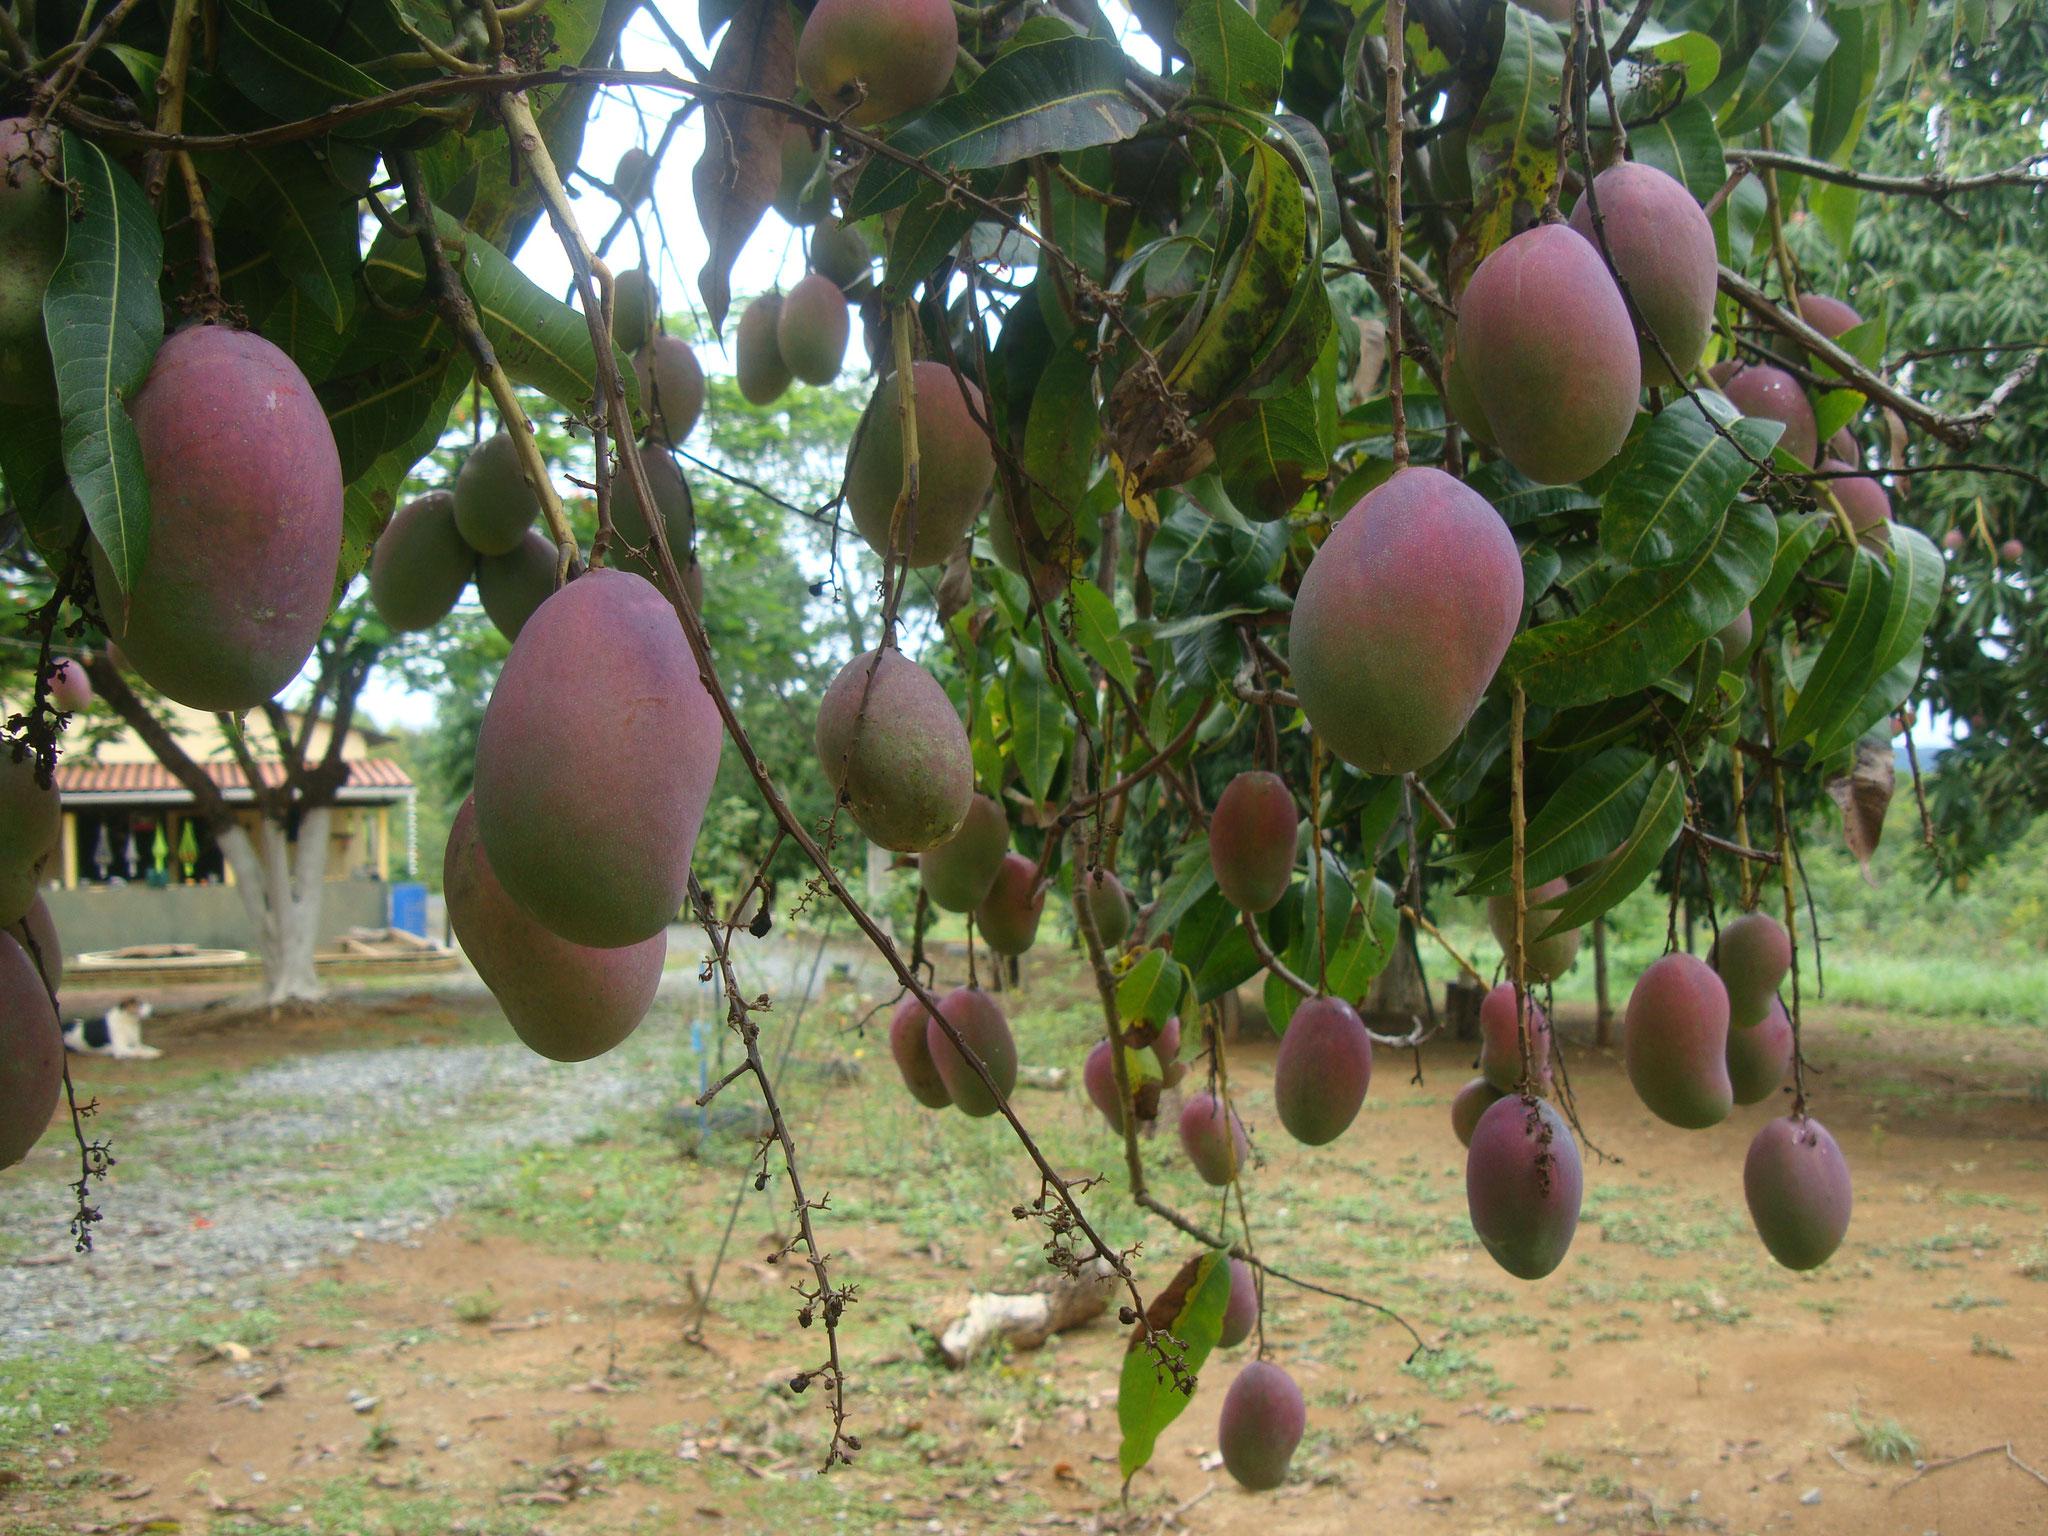 ミナスジェライス州のマンゴの最盛期は11月下旬から1月初旬頃まで。もう食べ切れない!!